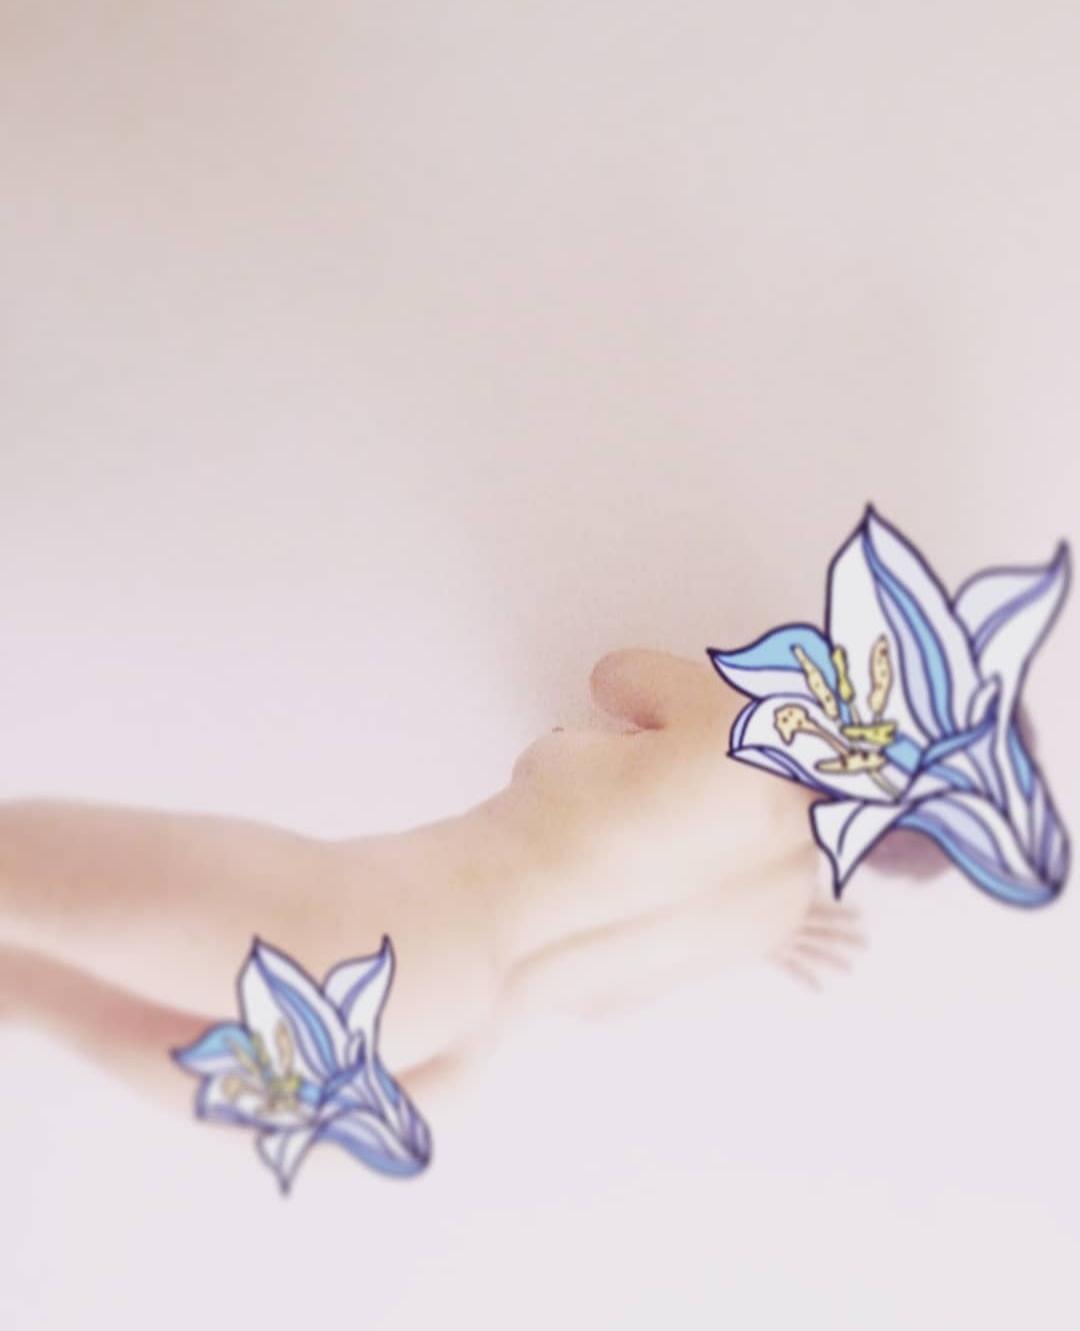 「さむいねっ」01/18(01/18) 09:36 | るるの写メ・風俗動画